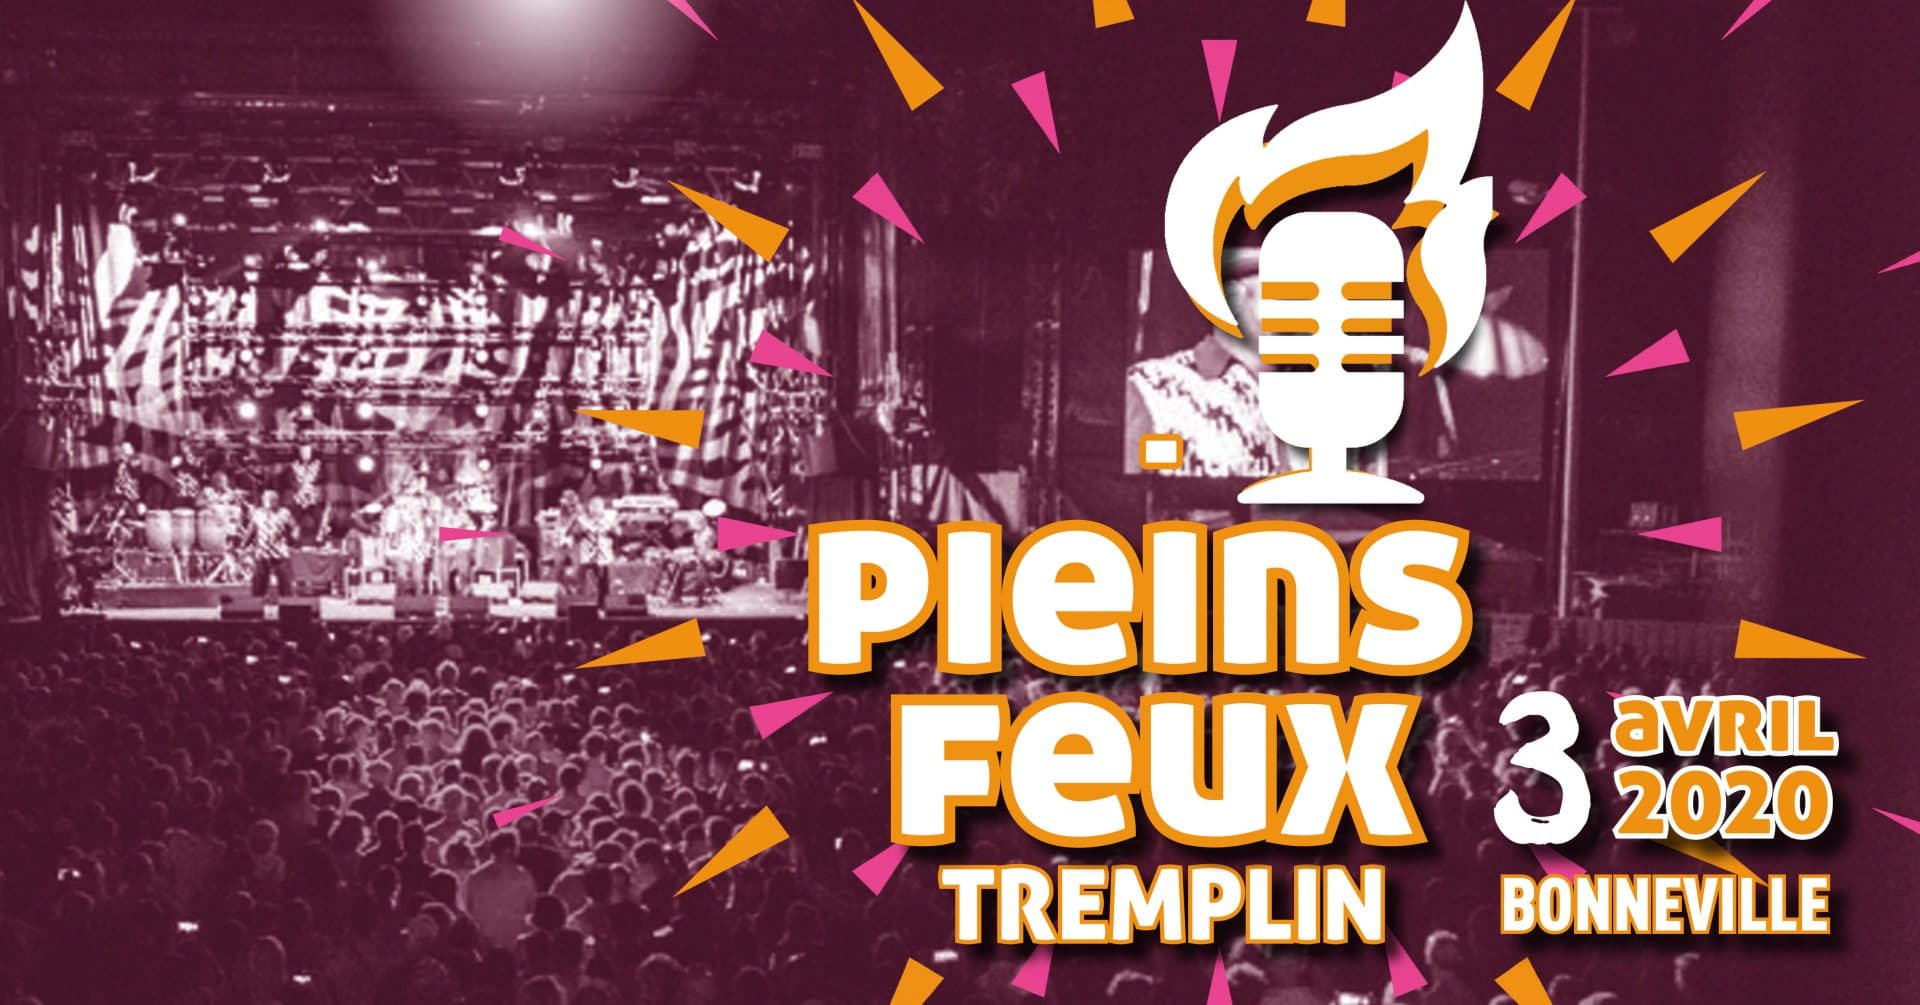 Evenement PFT 2020 - Accueil - OCA Bonneville